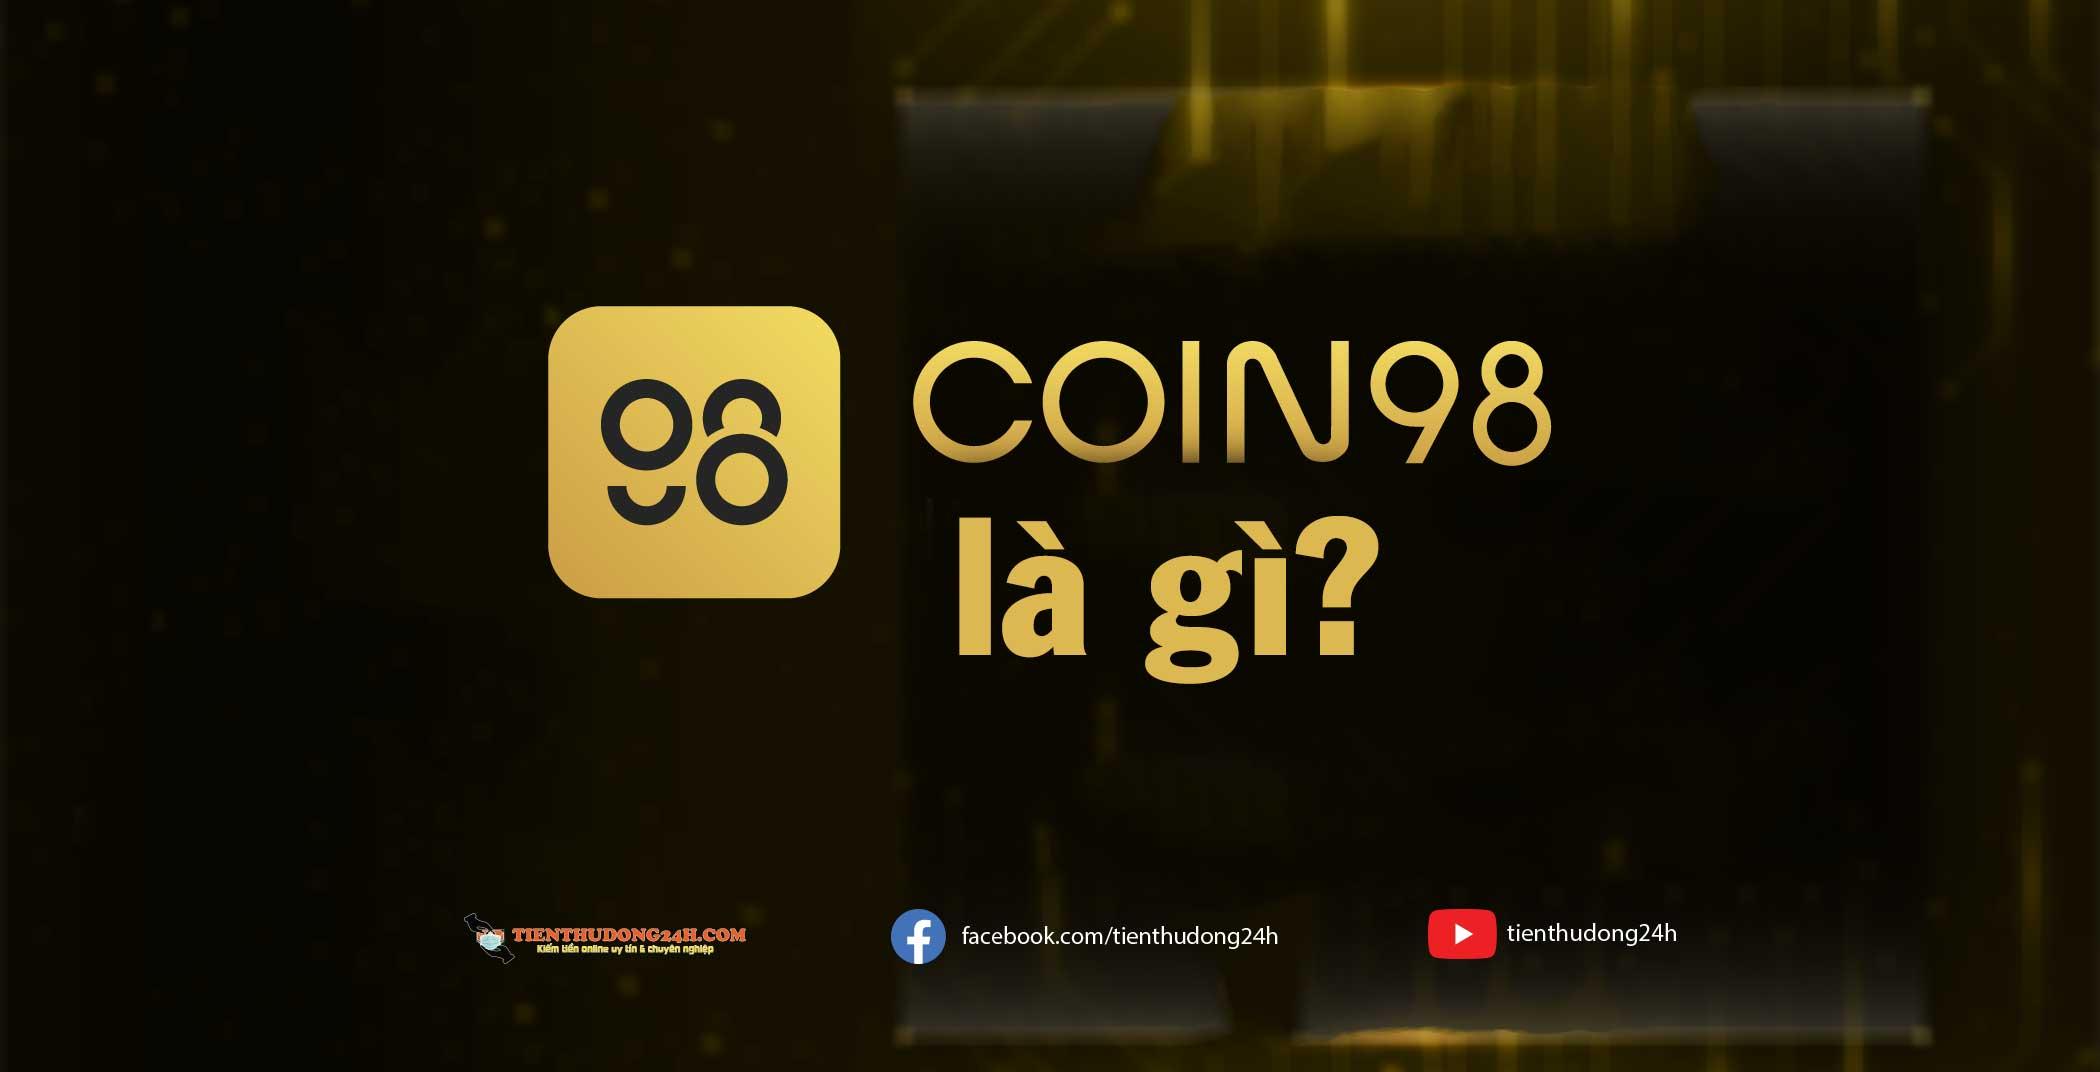 c98 là gì?